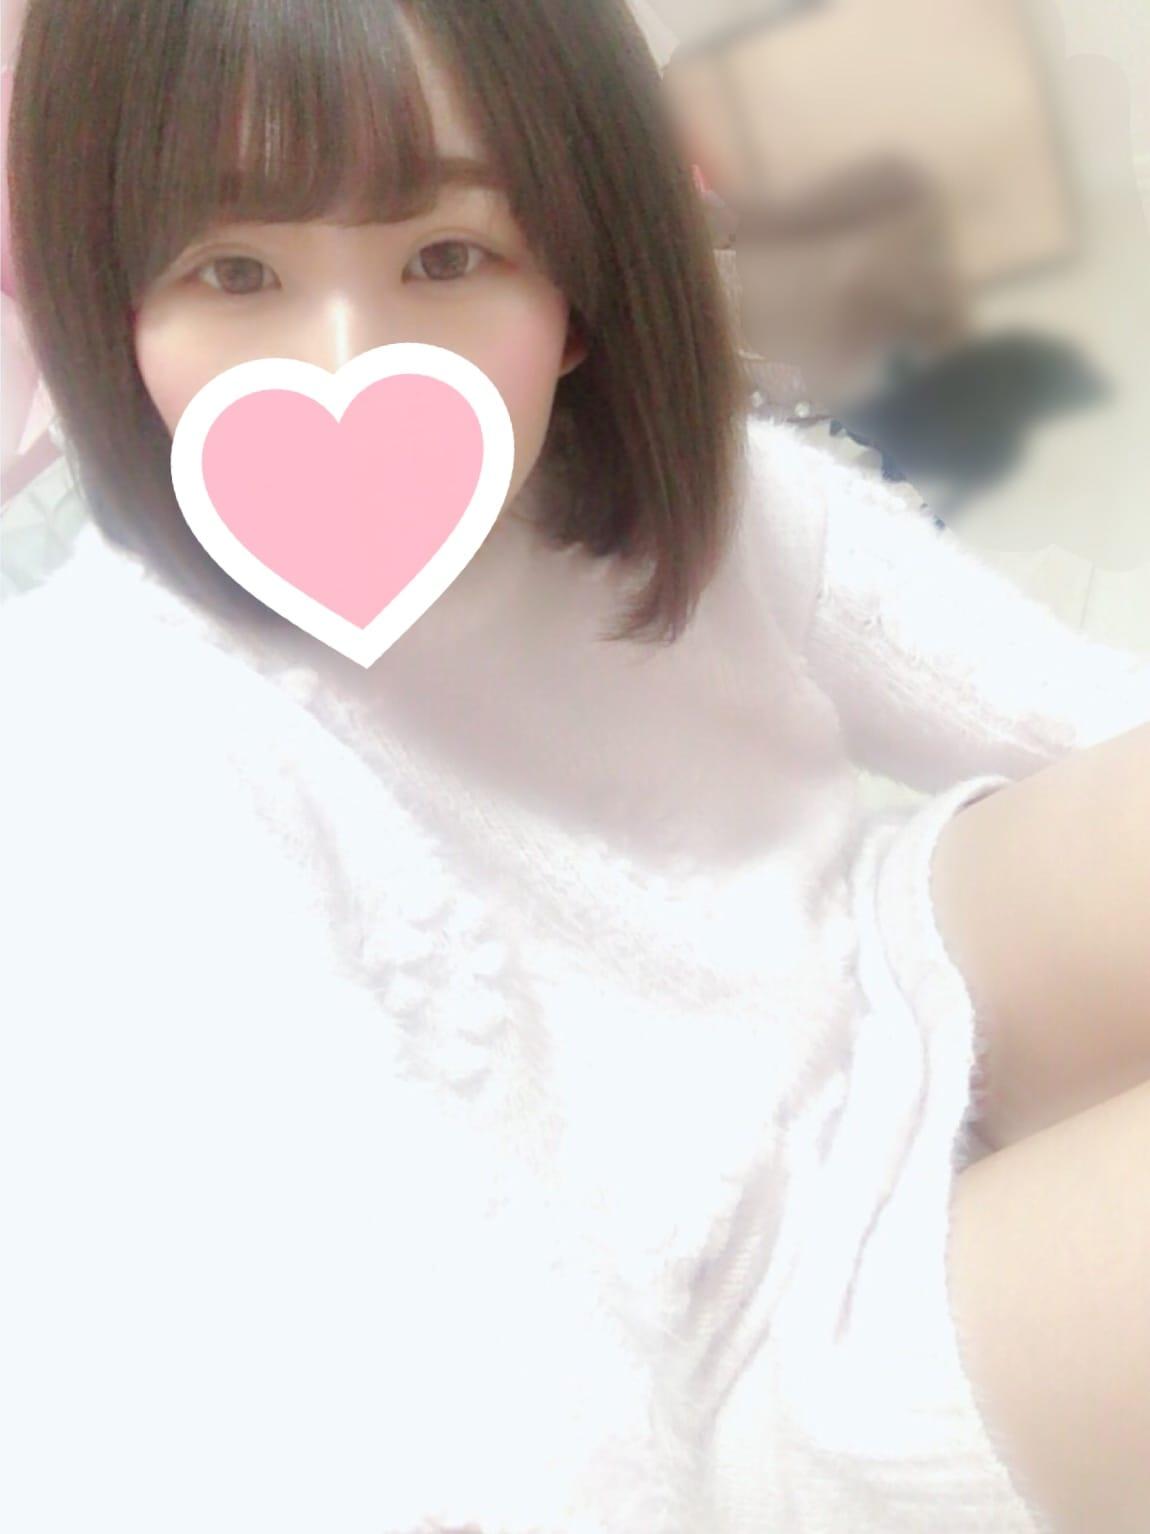 「お気に入りのパジャマ」03/17(03/17) 20:37 | みりあちゃんの写メ・風俗動画